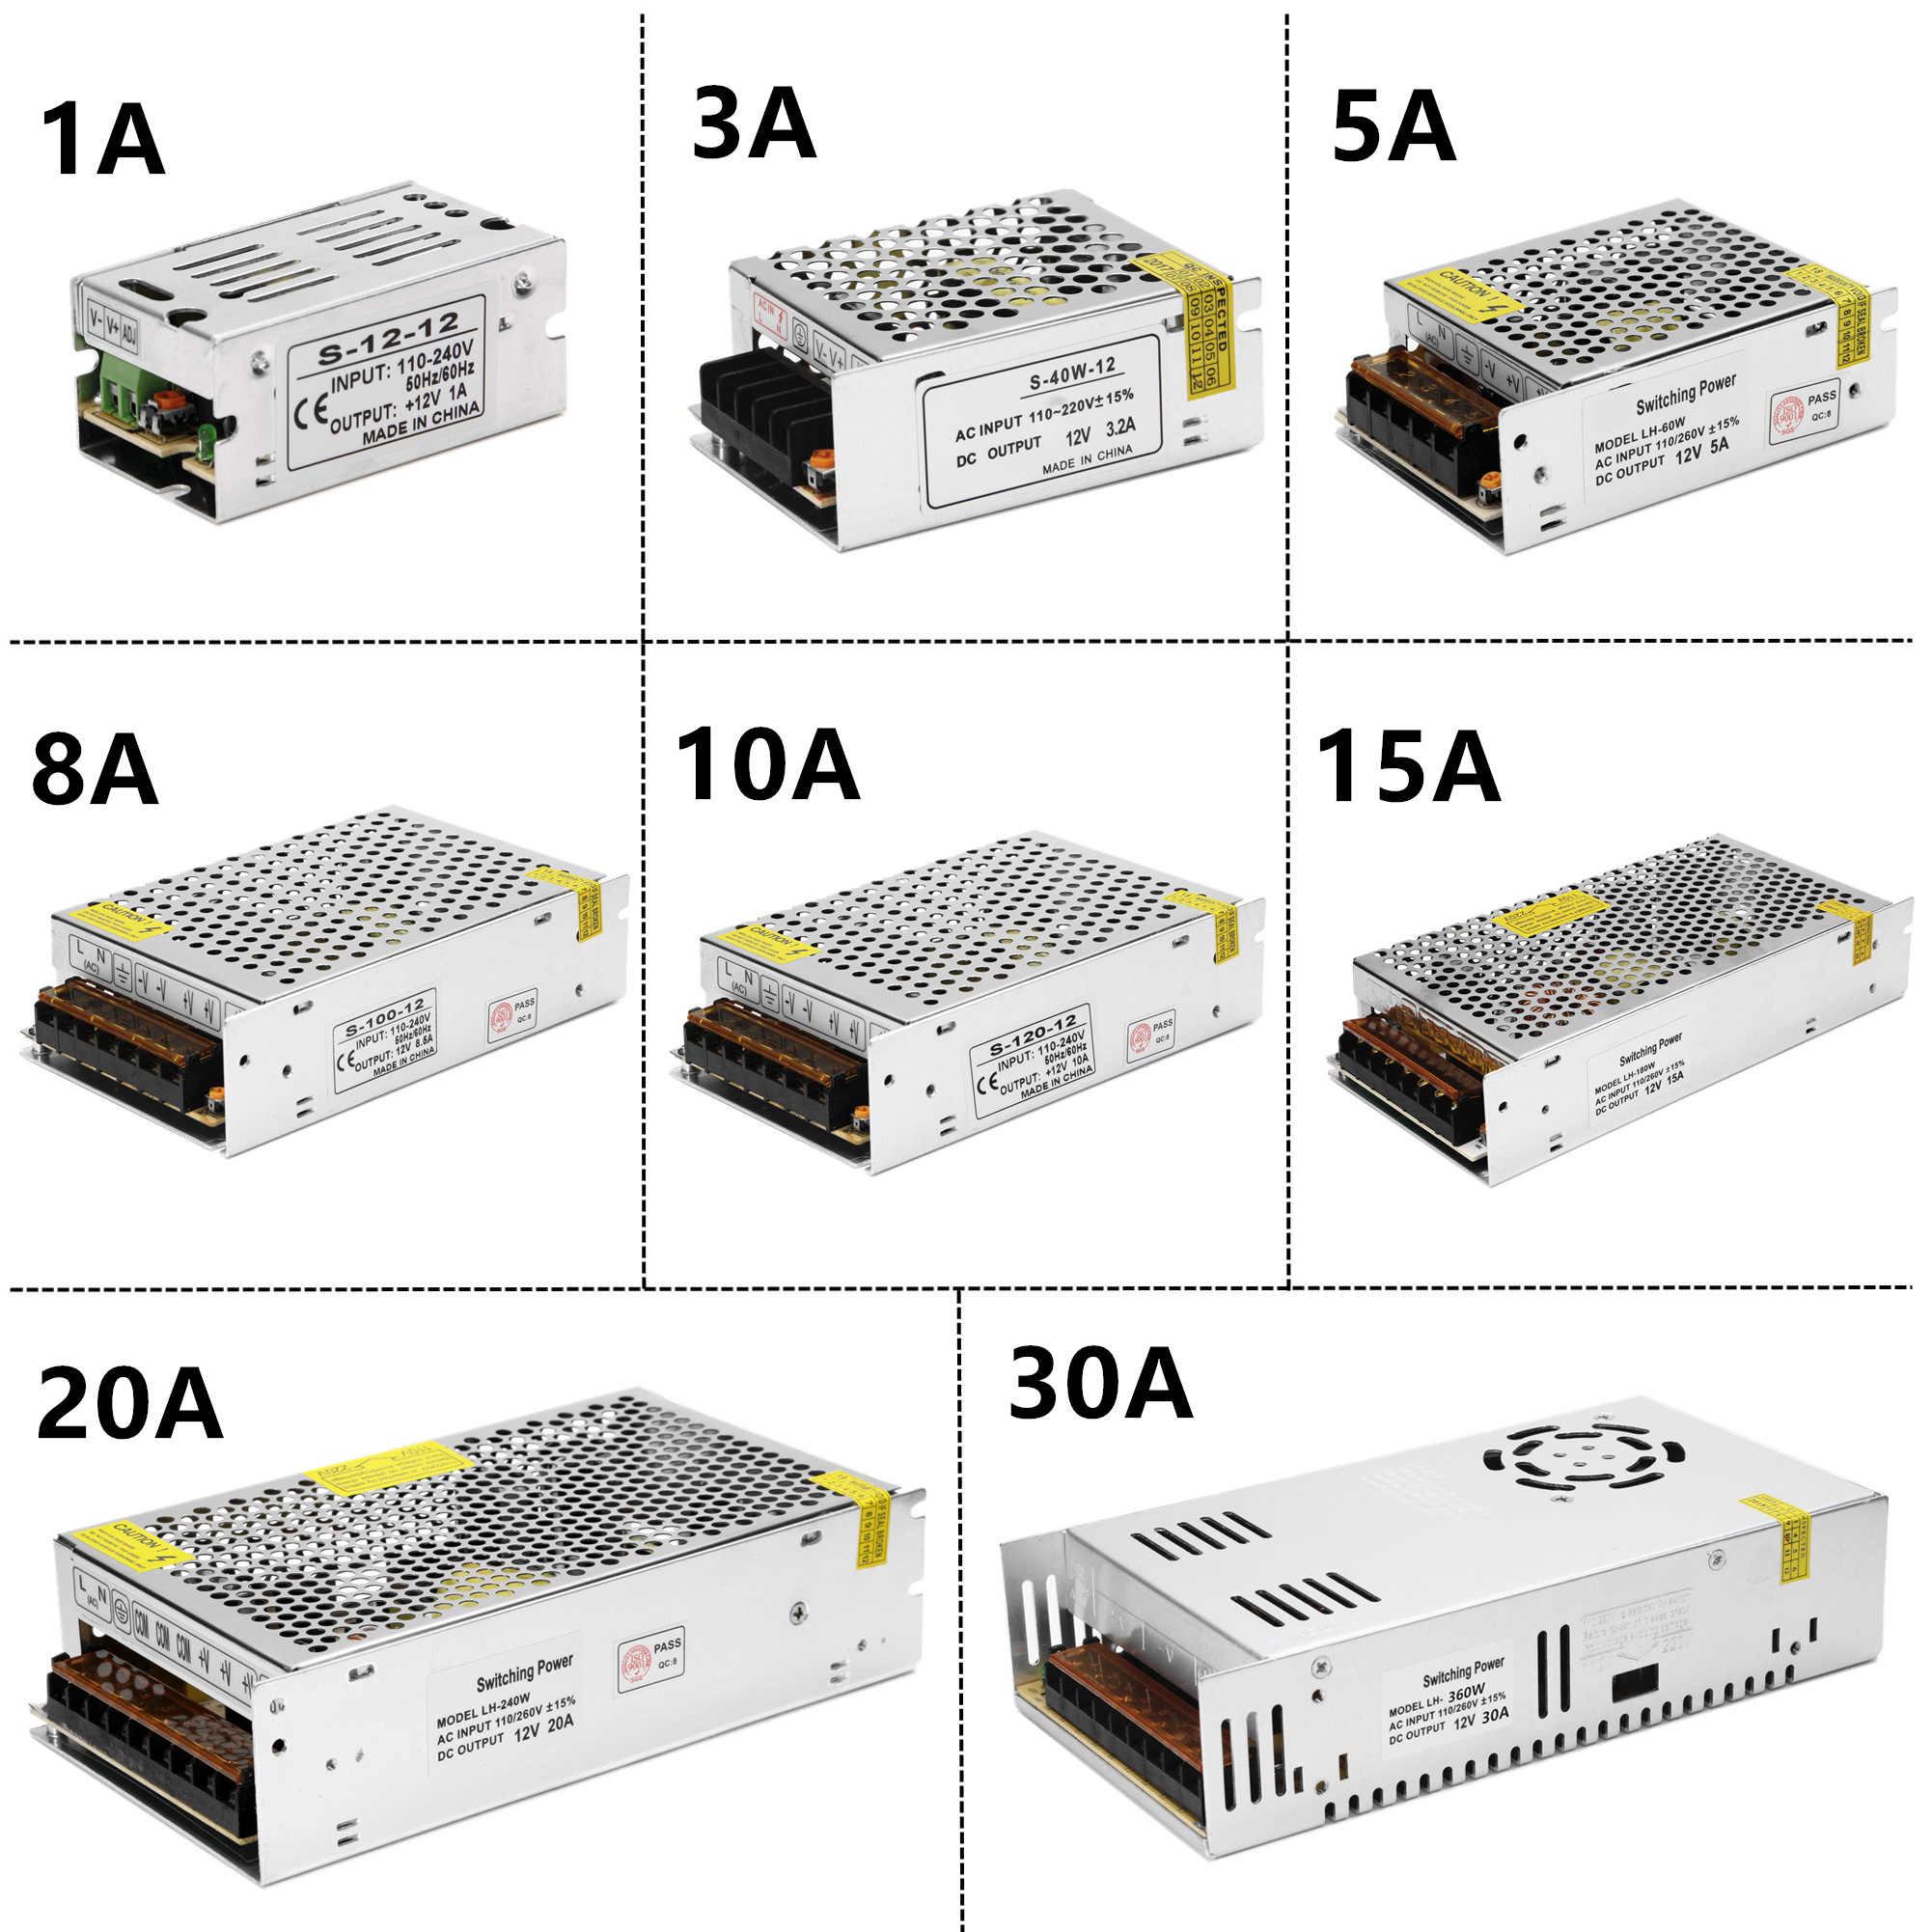 Источник питания светодиодный драйвер переменного тока 220 В в постоянный ток 12 В 1A 3A 5A 8A 10A 15A 20A 12 вольт зарядное устройство понижающий адаптер трансформатор освещения